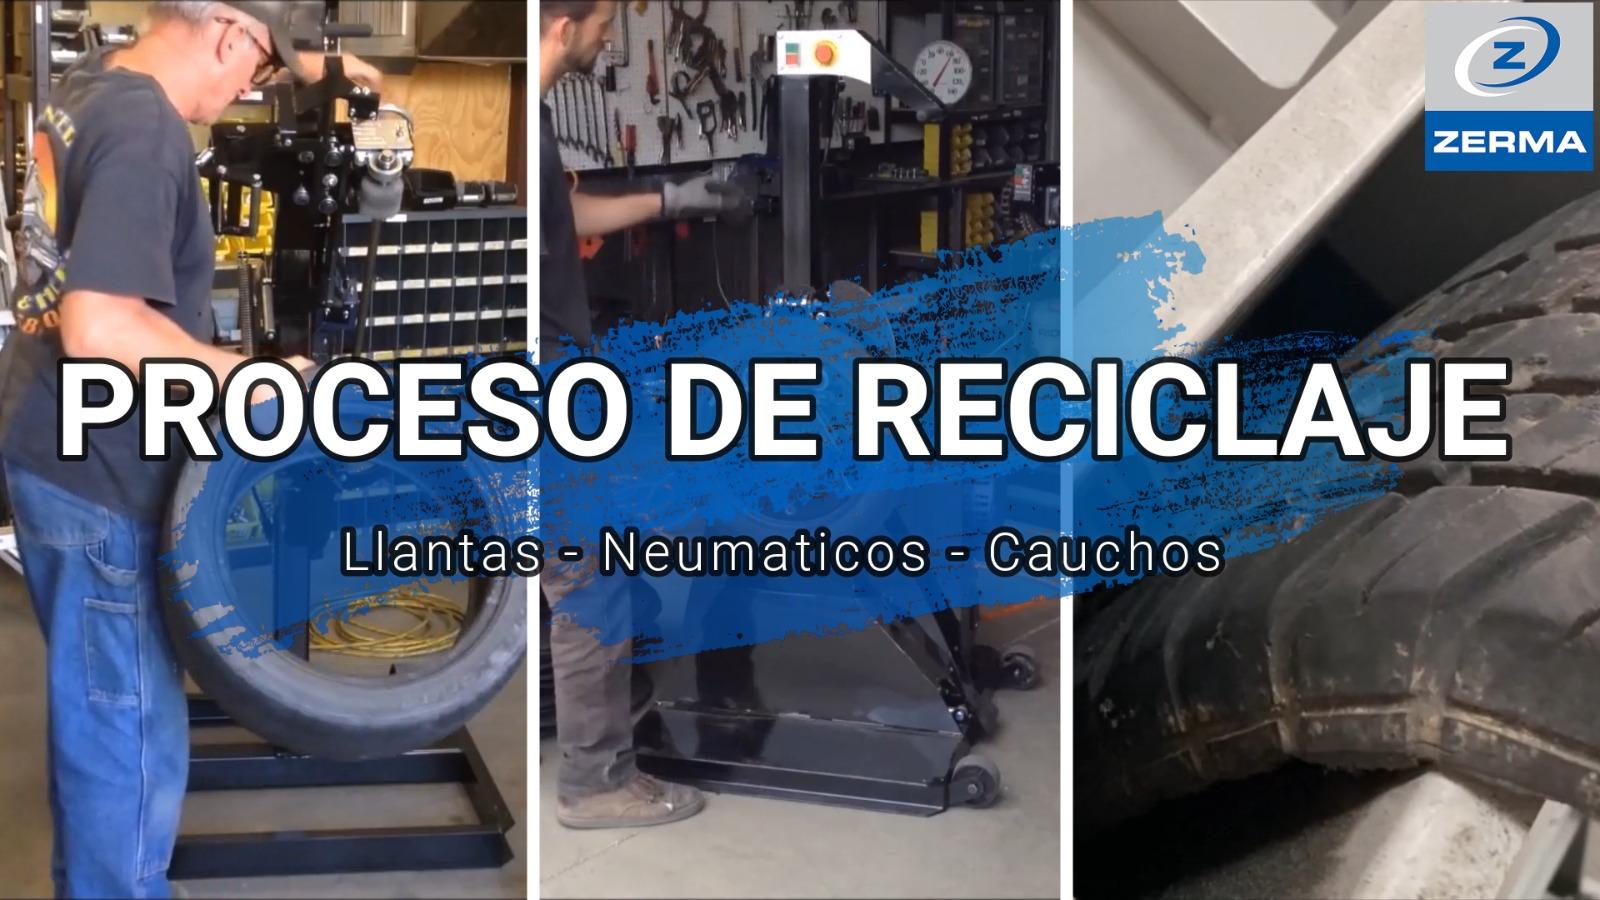 Proceso de reciclaje de llantas, neumáticos, cauchos de Zerma